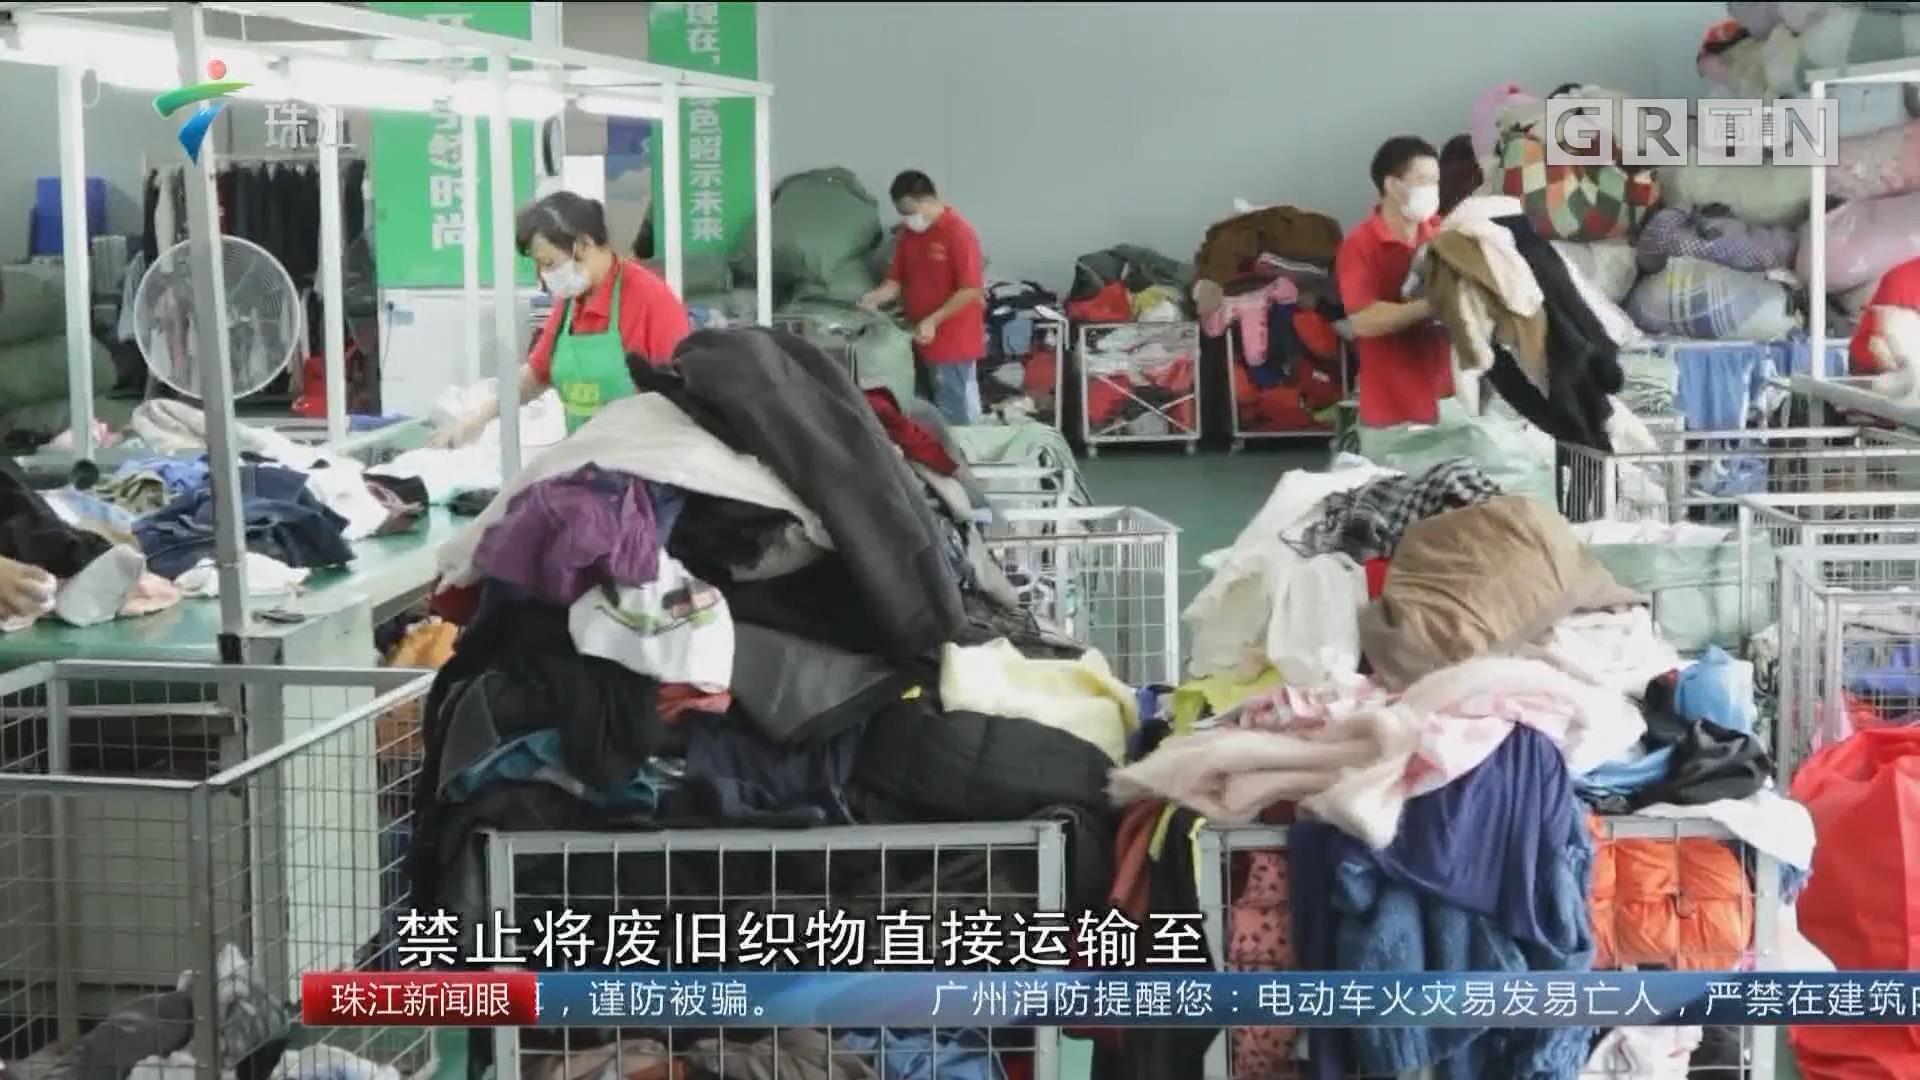 深圳:全国首个废旧织物回收利用地方标准正式实施